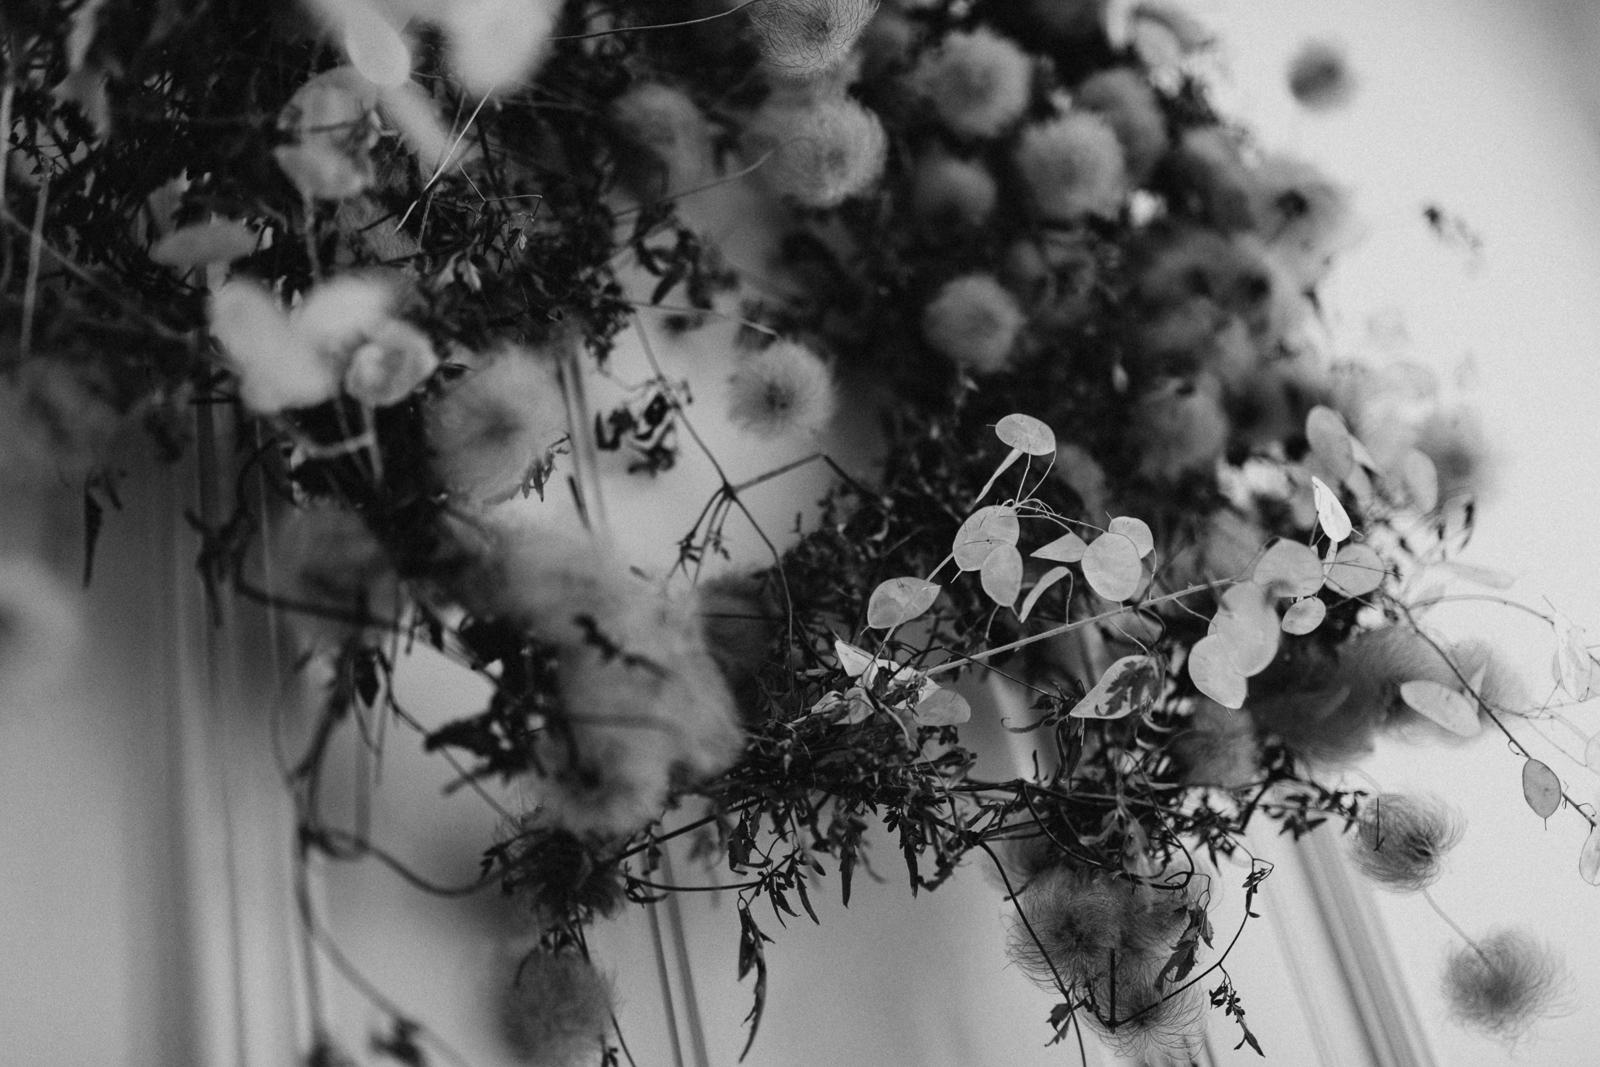 květinové lahůdkářství